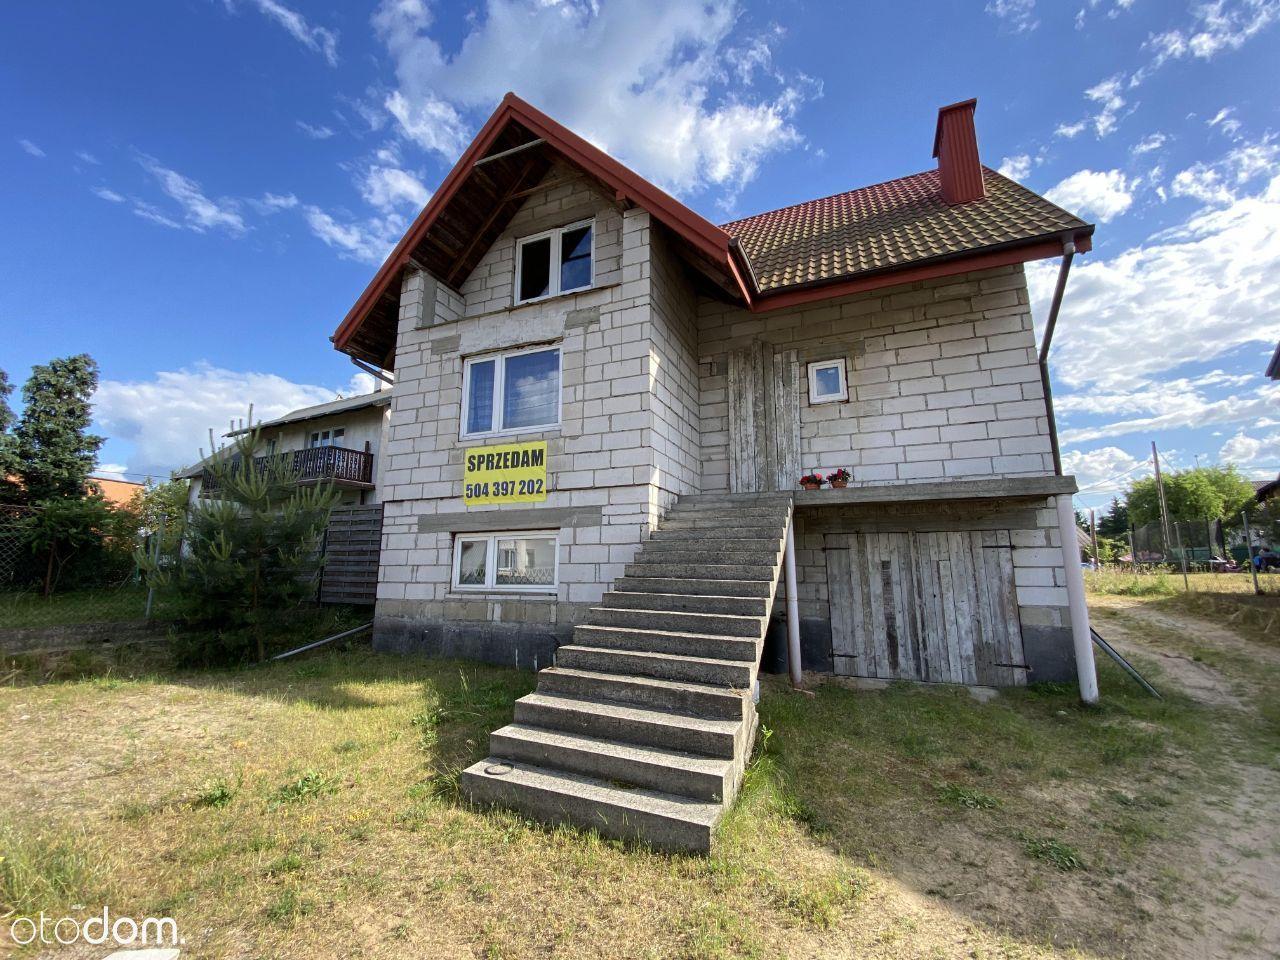 Dom w spokojnej okolicy, 180m2, ul. Klonowa, Lipno